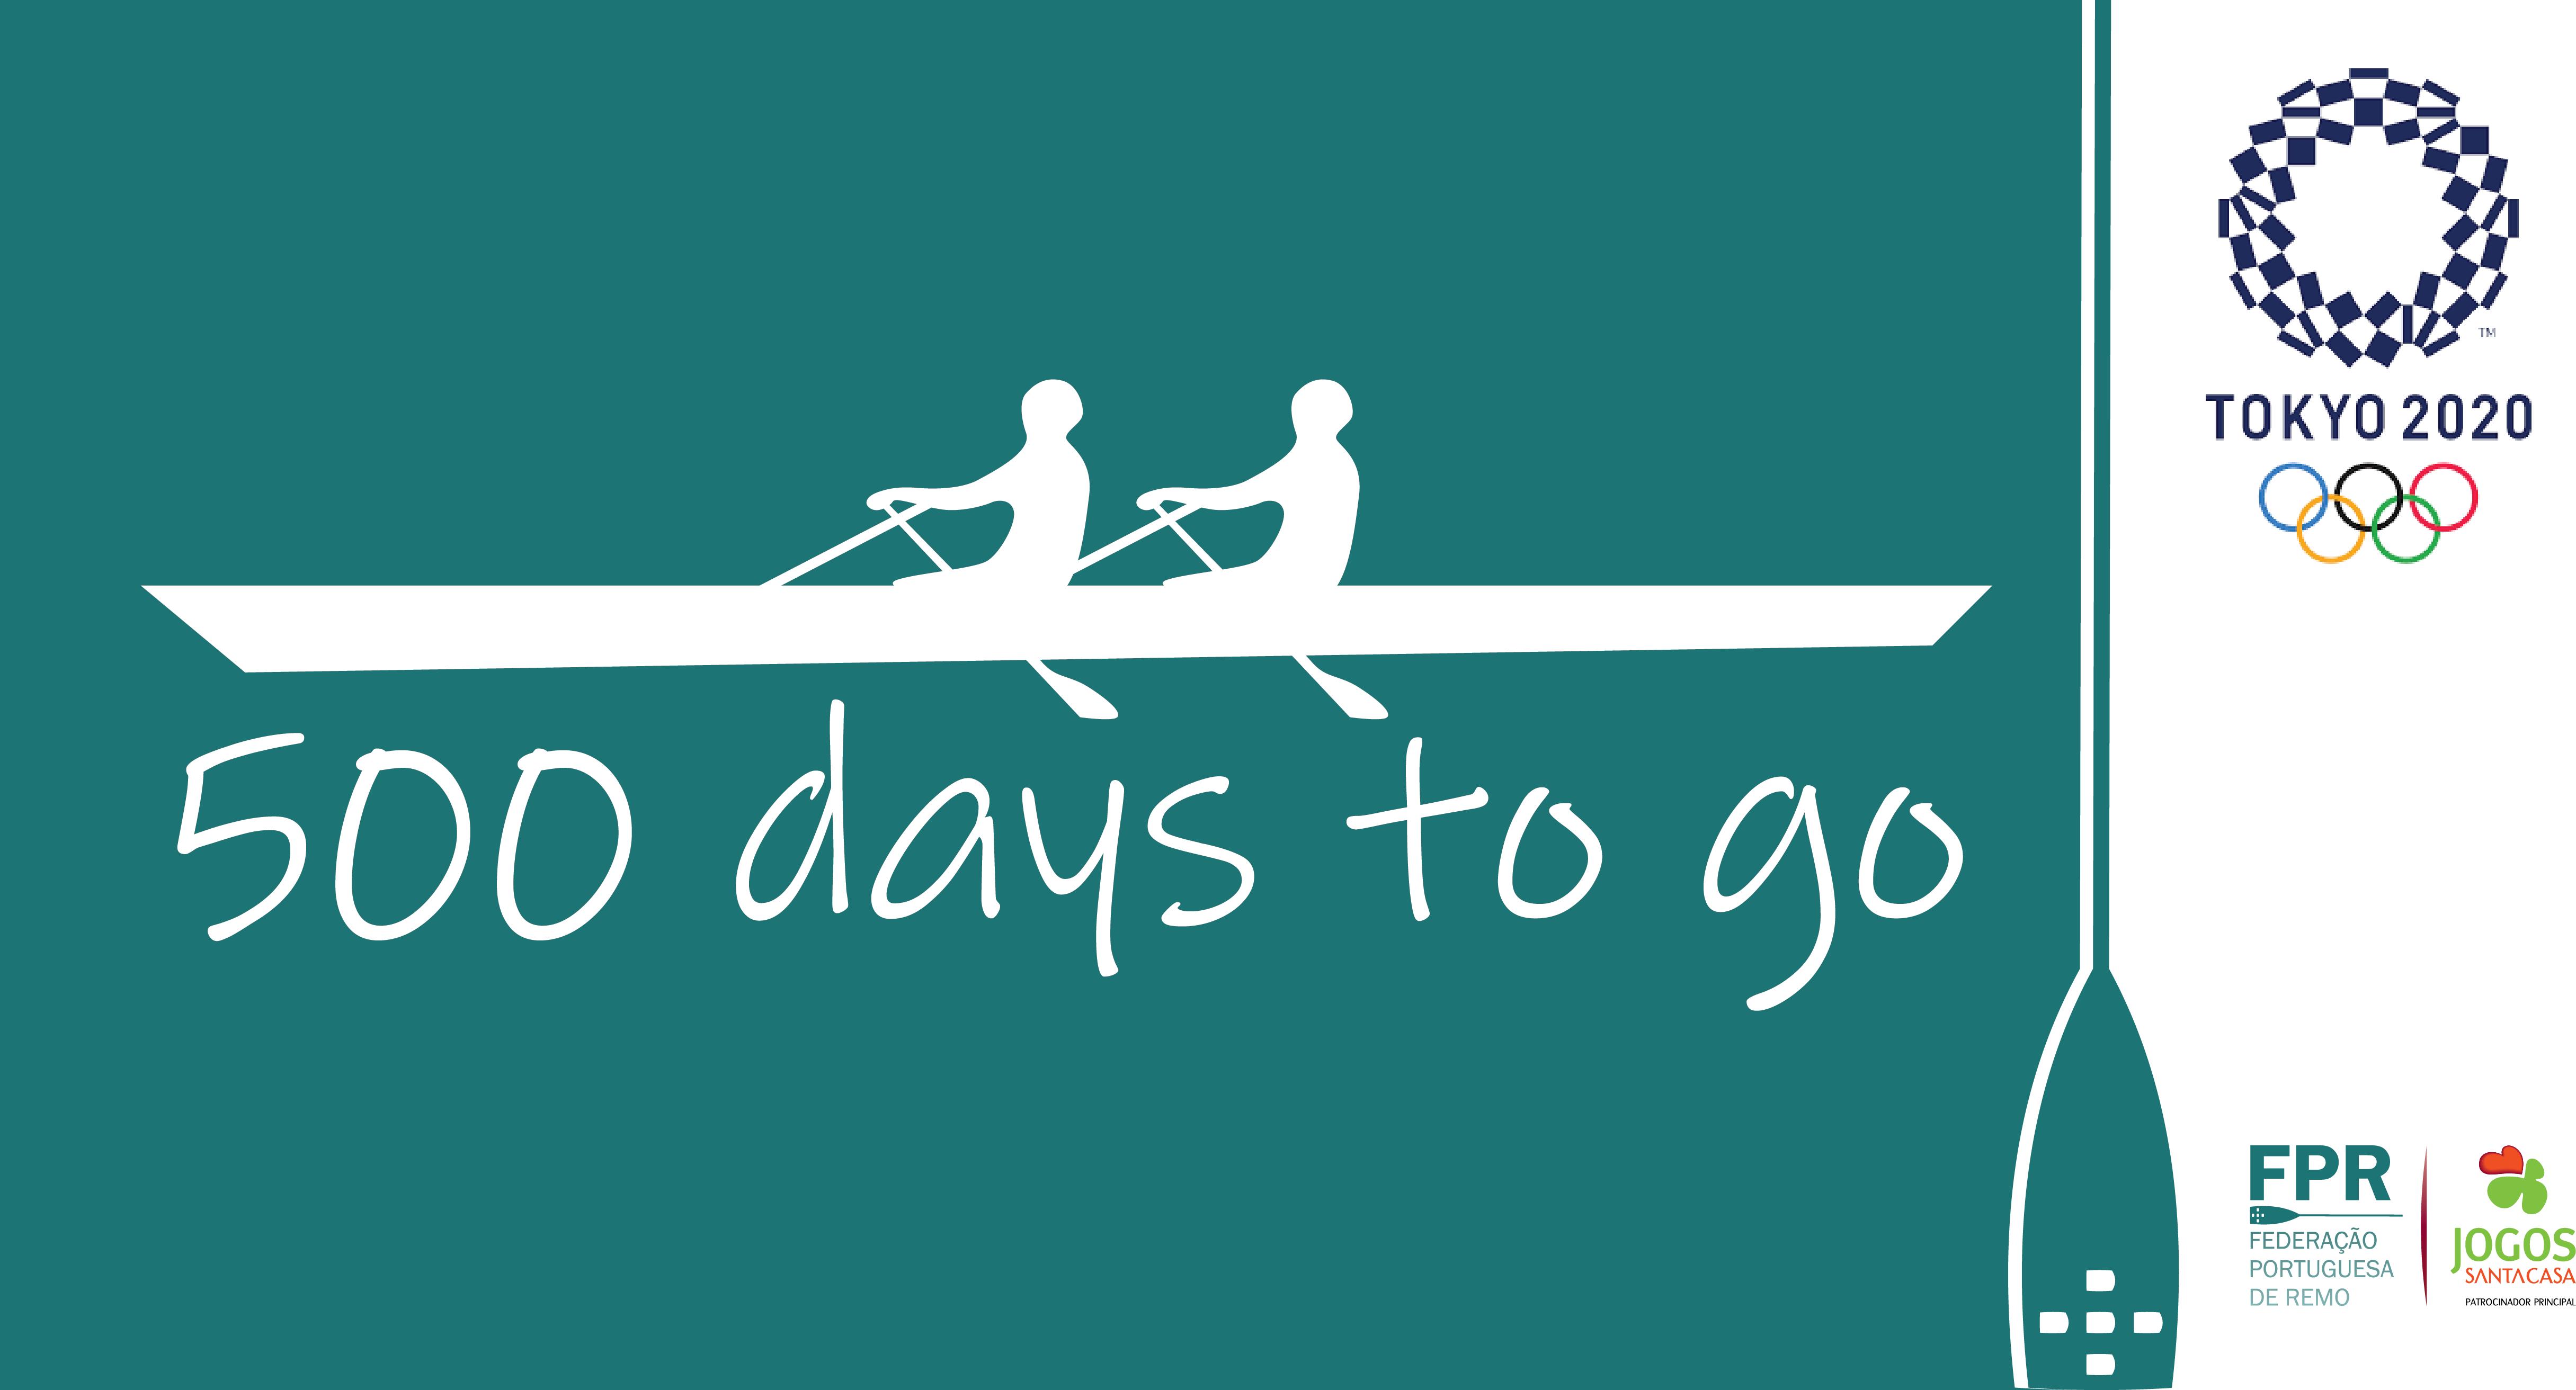 Faltam 500 dias para o início dos Jogos Olímpicos de 2020